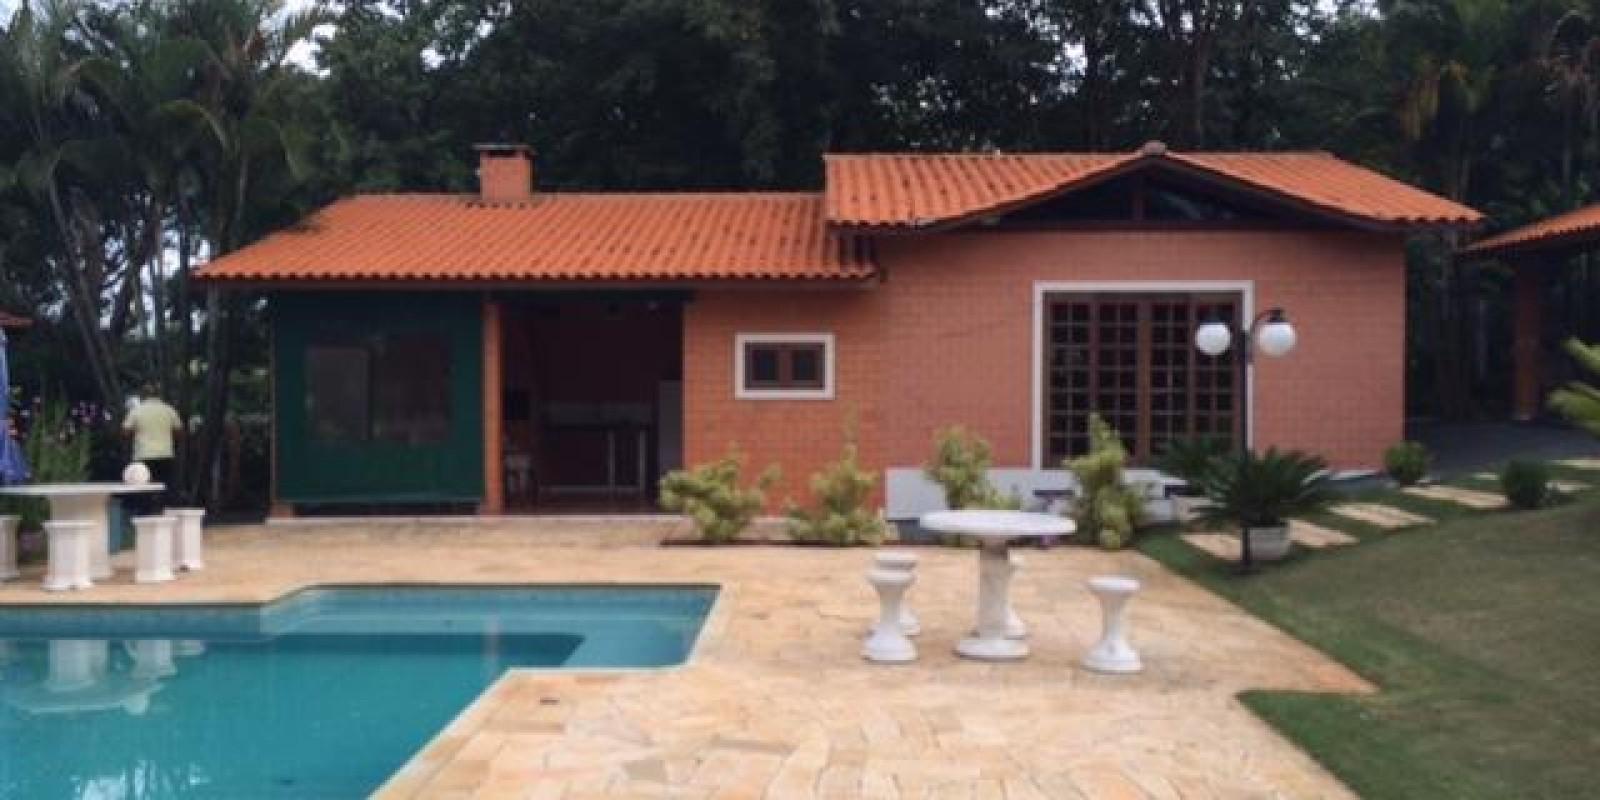 Casa na Represa em Avaré SP - Foto 7 de 20